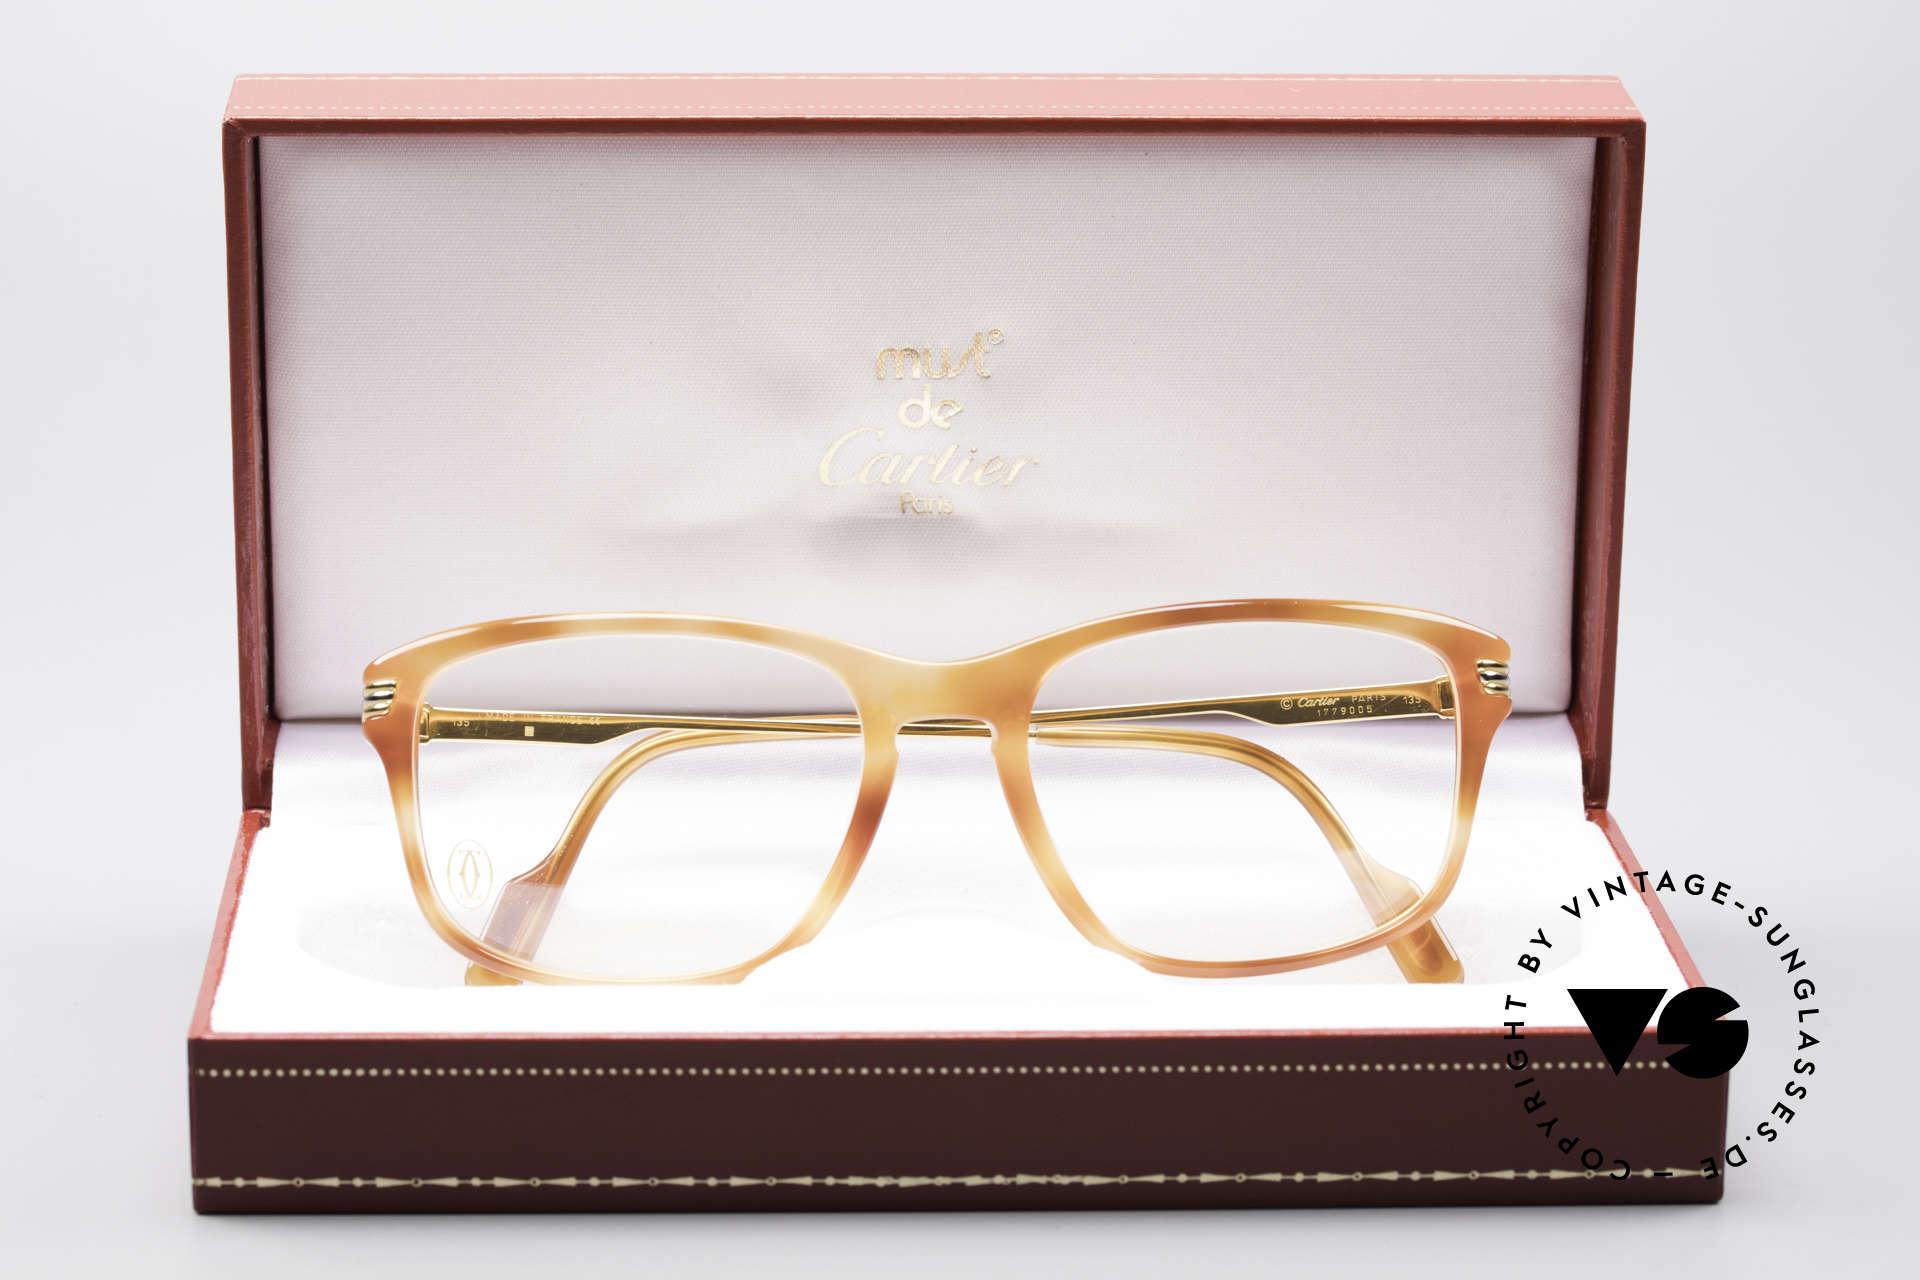 Cartier Lumen - S 90er Luxus Vintagebrille, Modellname 'Lumen' ist lateinisch für Licht / Leuchte, Passend für Herren und Damen